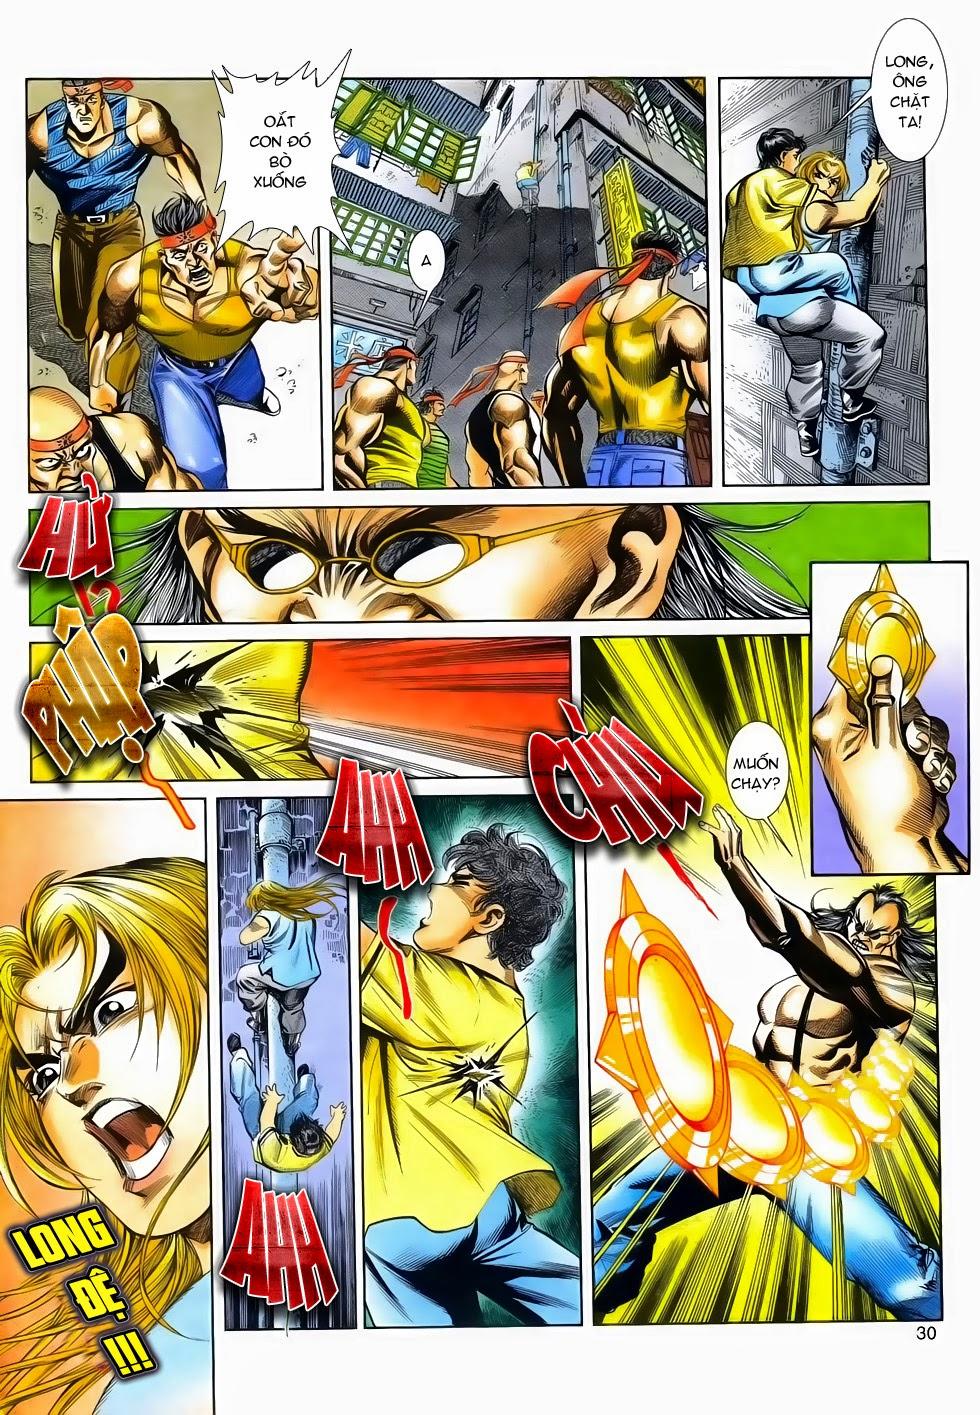 Long Hổ Phong Bạo chap 2 - Trang 30